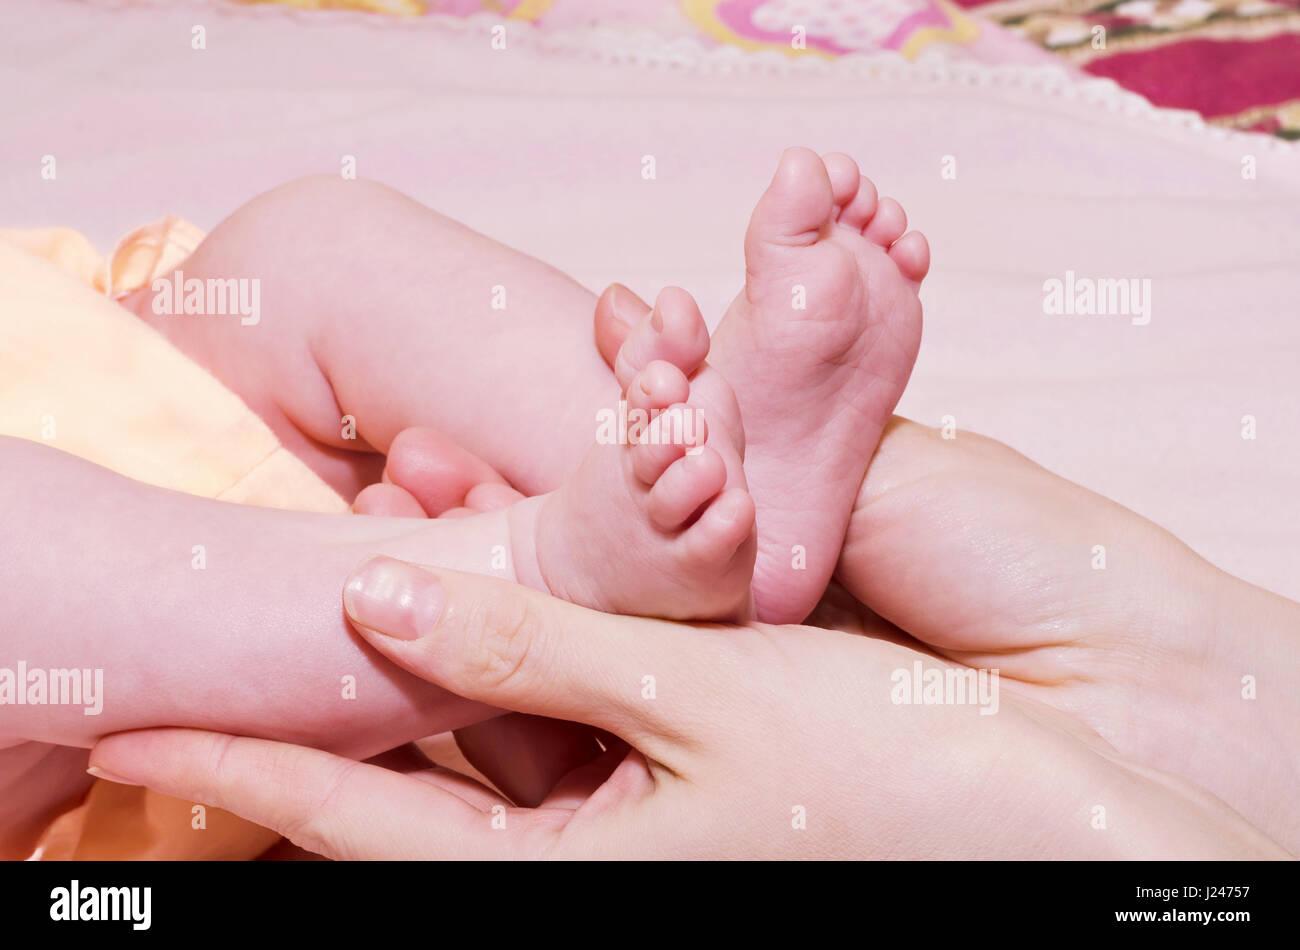 Les petits pieds dans les mains des mamans Photo Stock